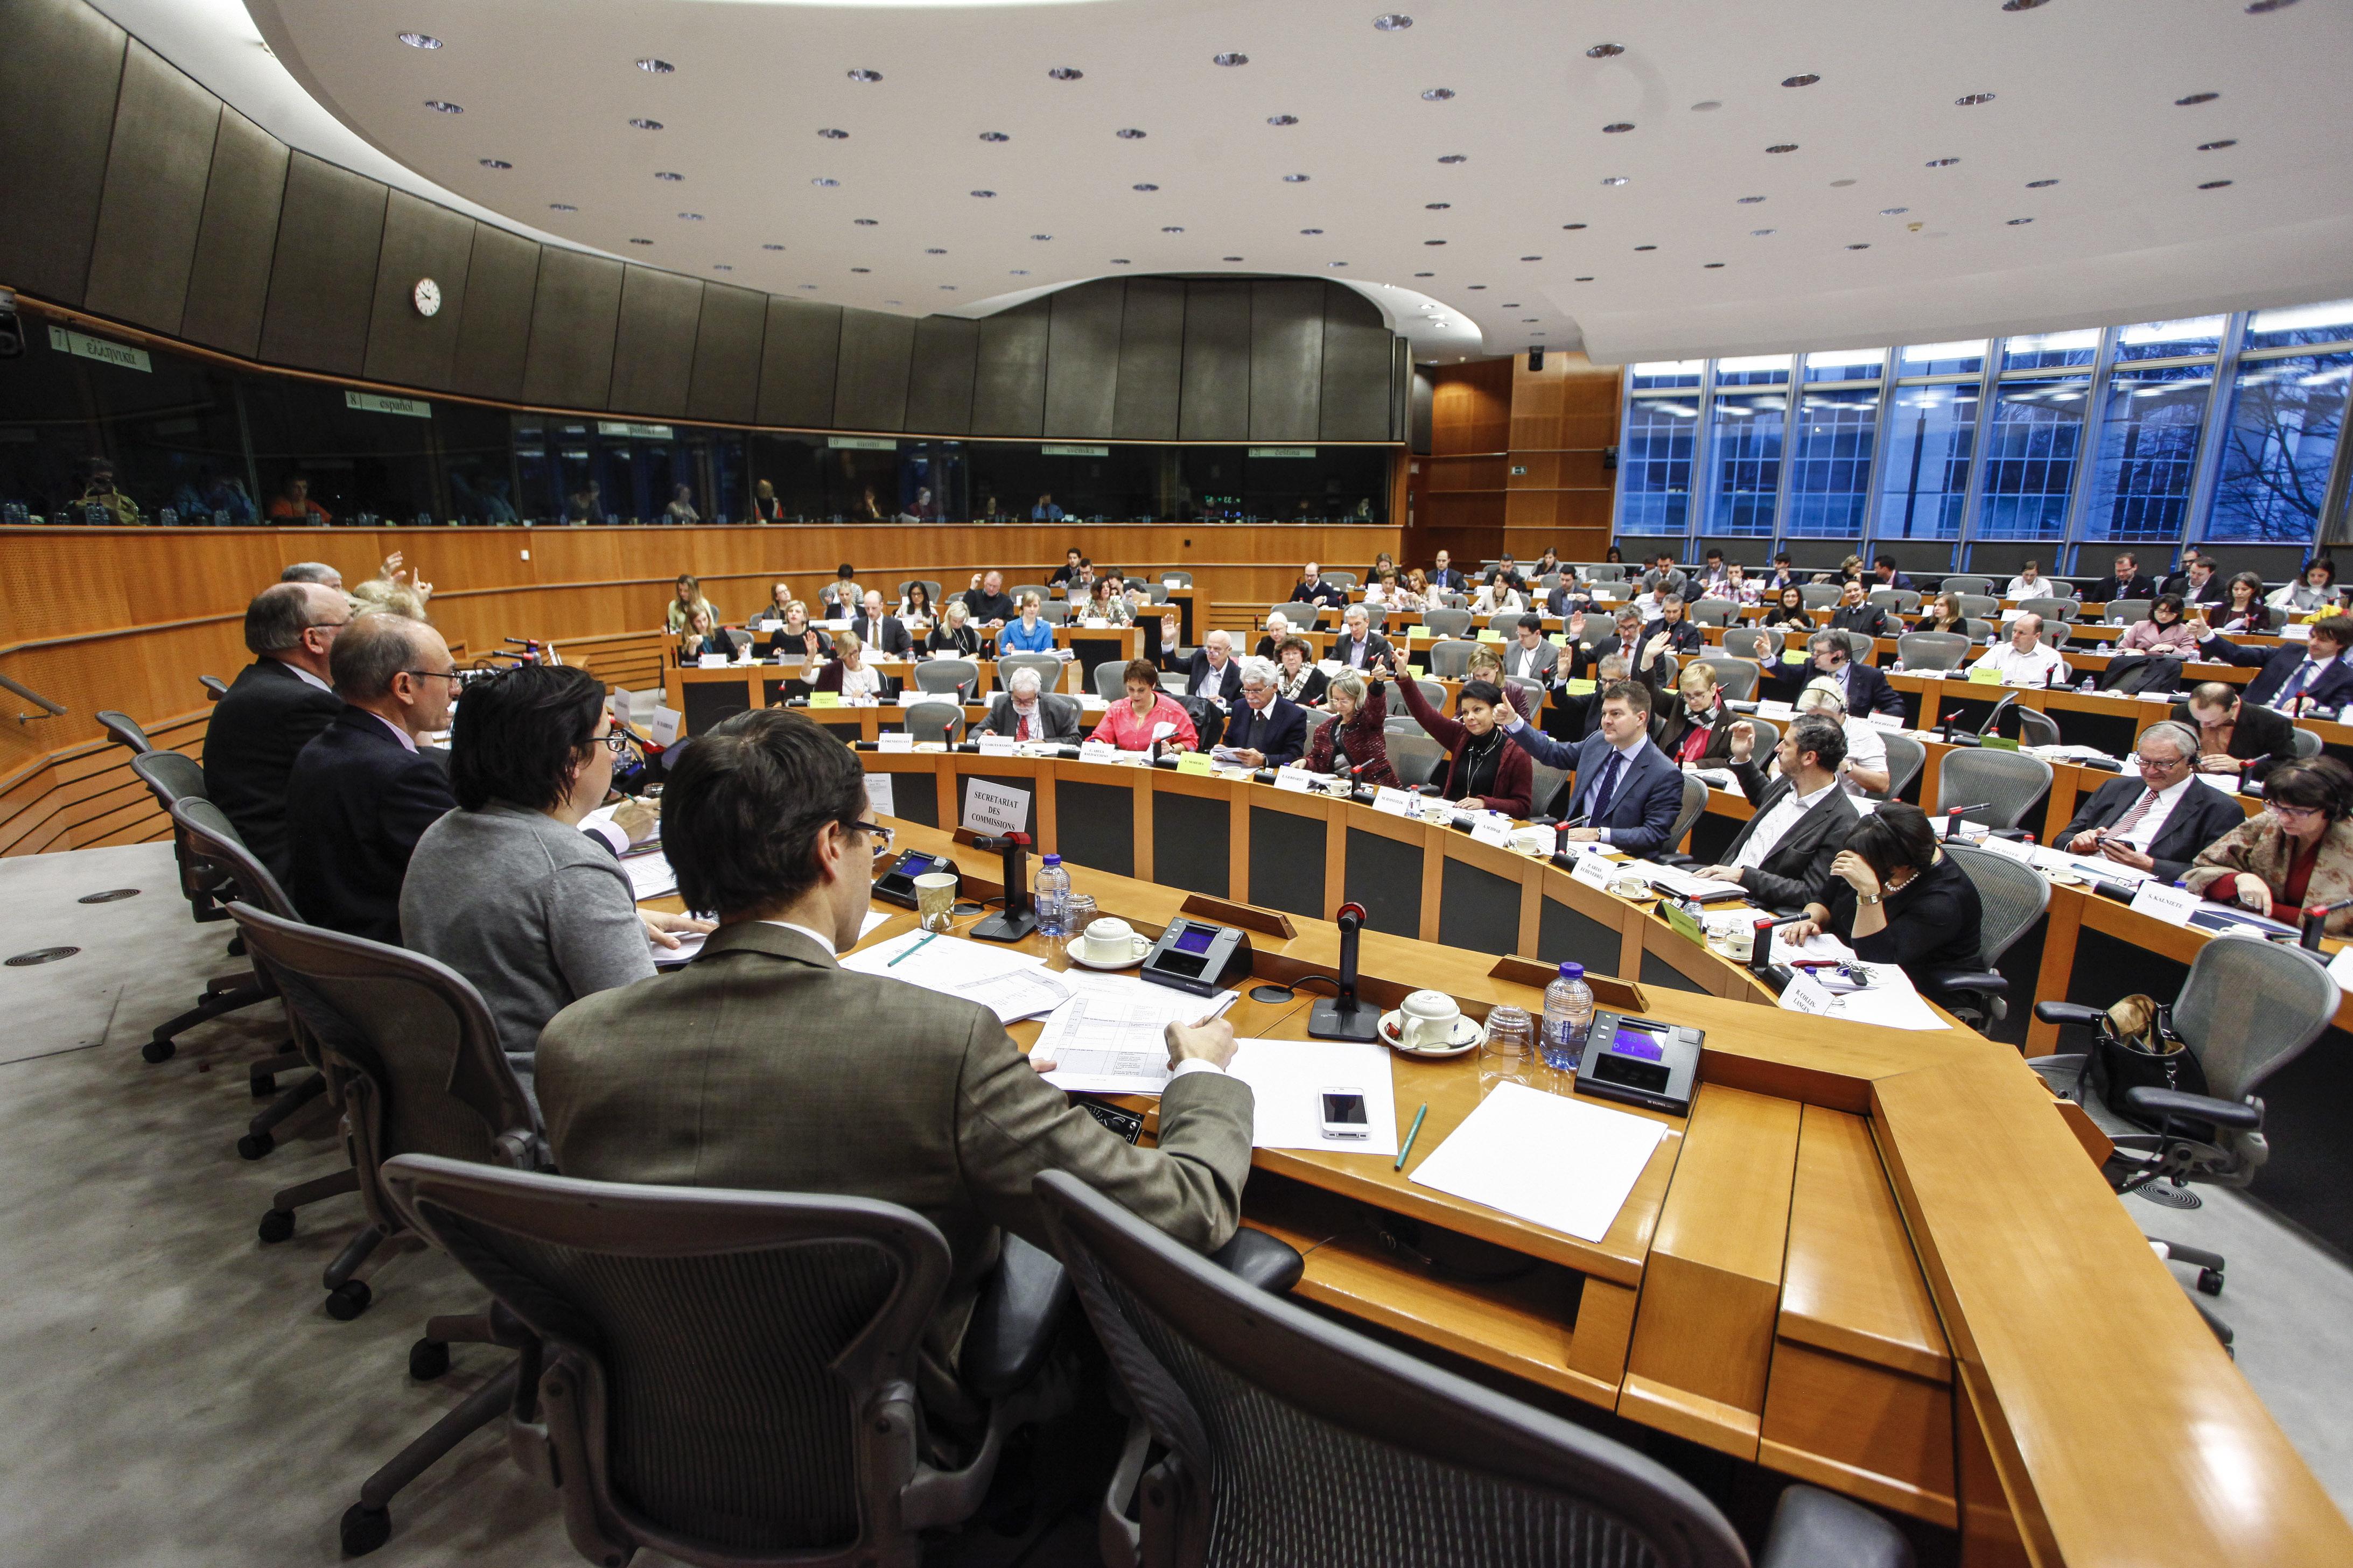 Prace Komisji IMCO w nadchodzącym tygodniu (10-14.02.2014)